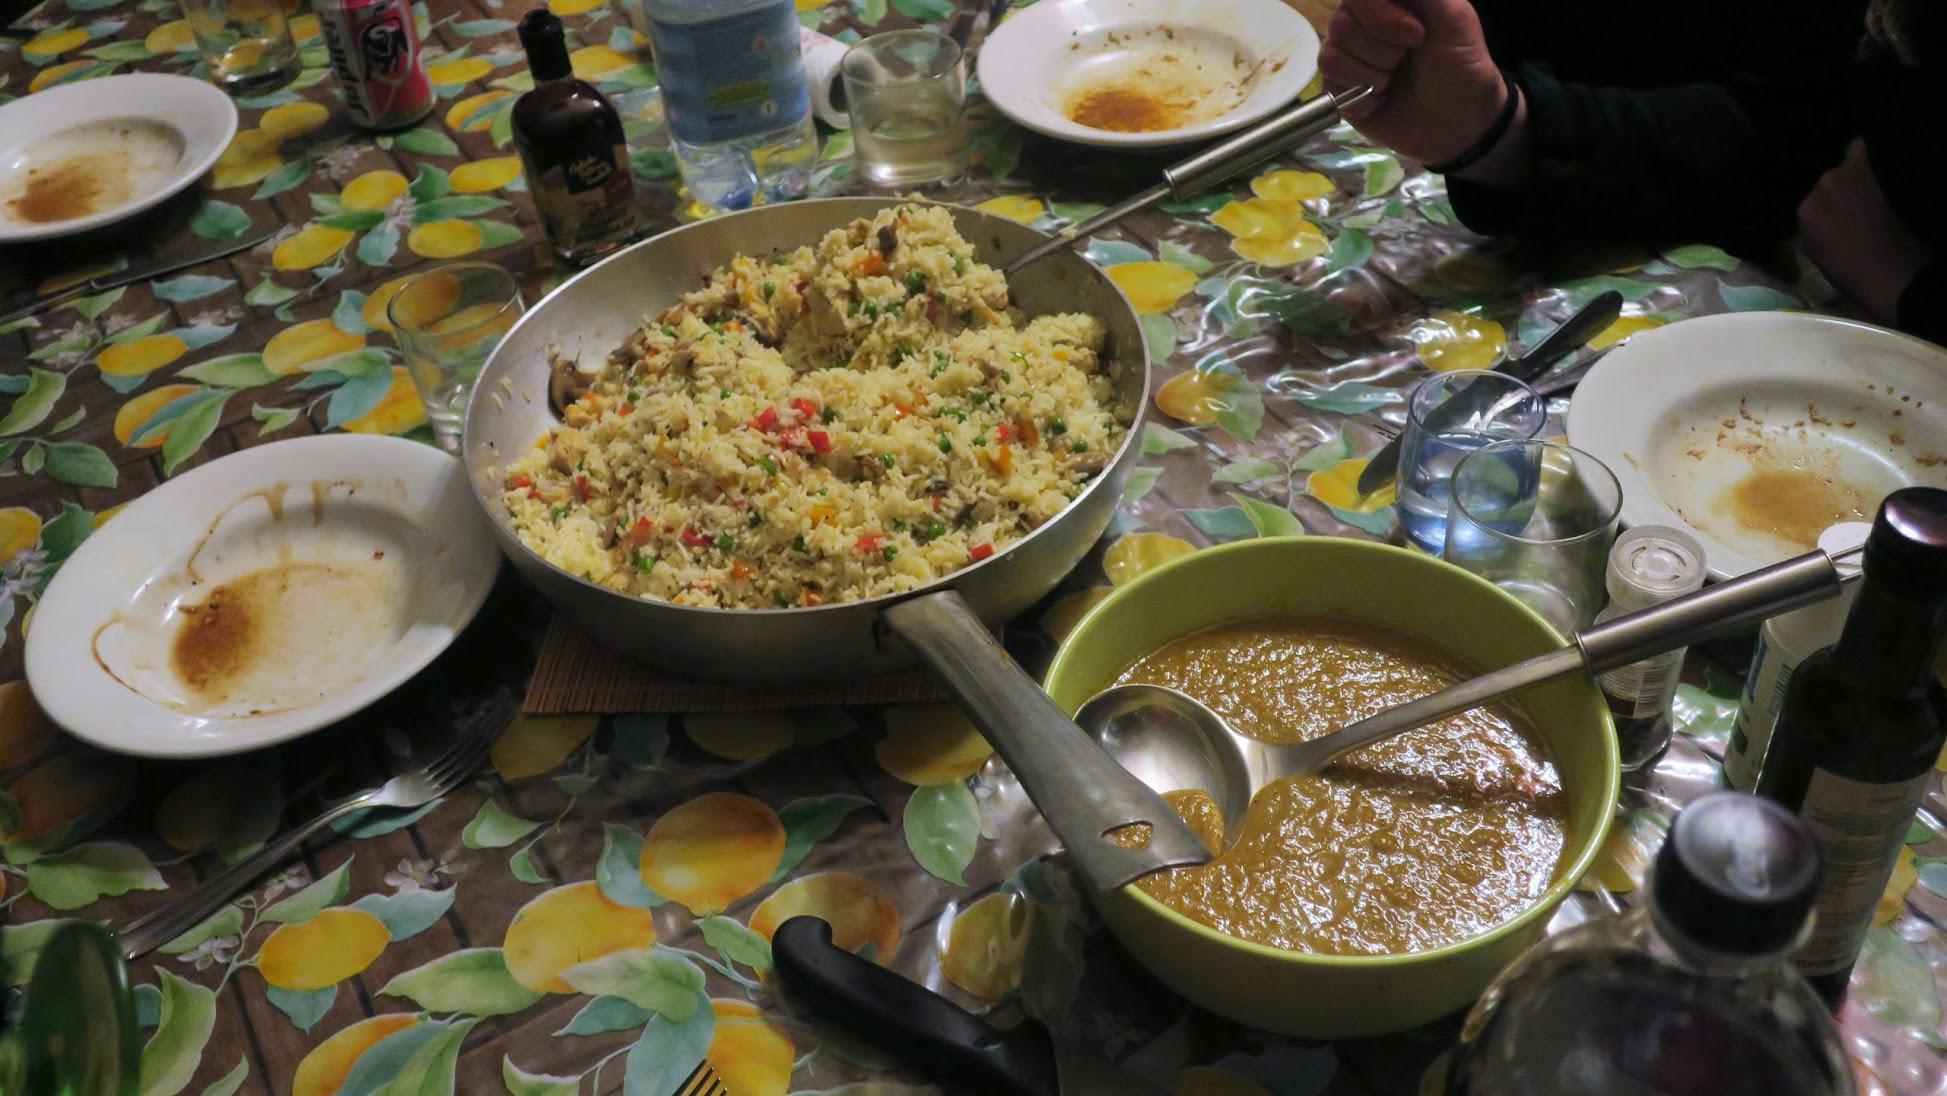 Chinese rijstschotel met groentjes, kip, scampi en currysaus (Le petit requin)